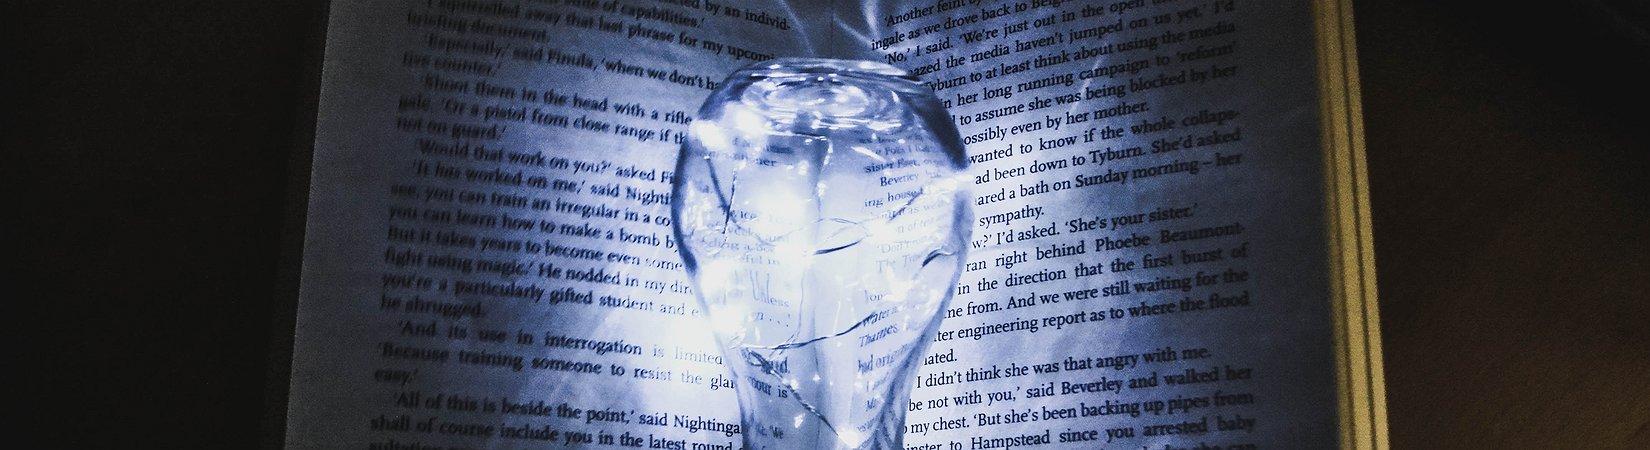 تسعة كتب لأولئك الذين يريدون الاهتداء في عالم التكنولوجيا